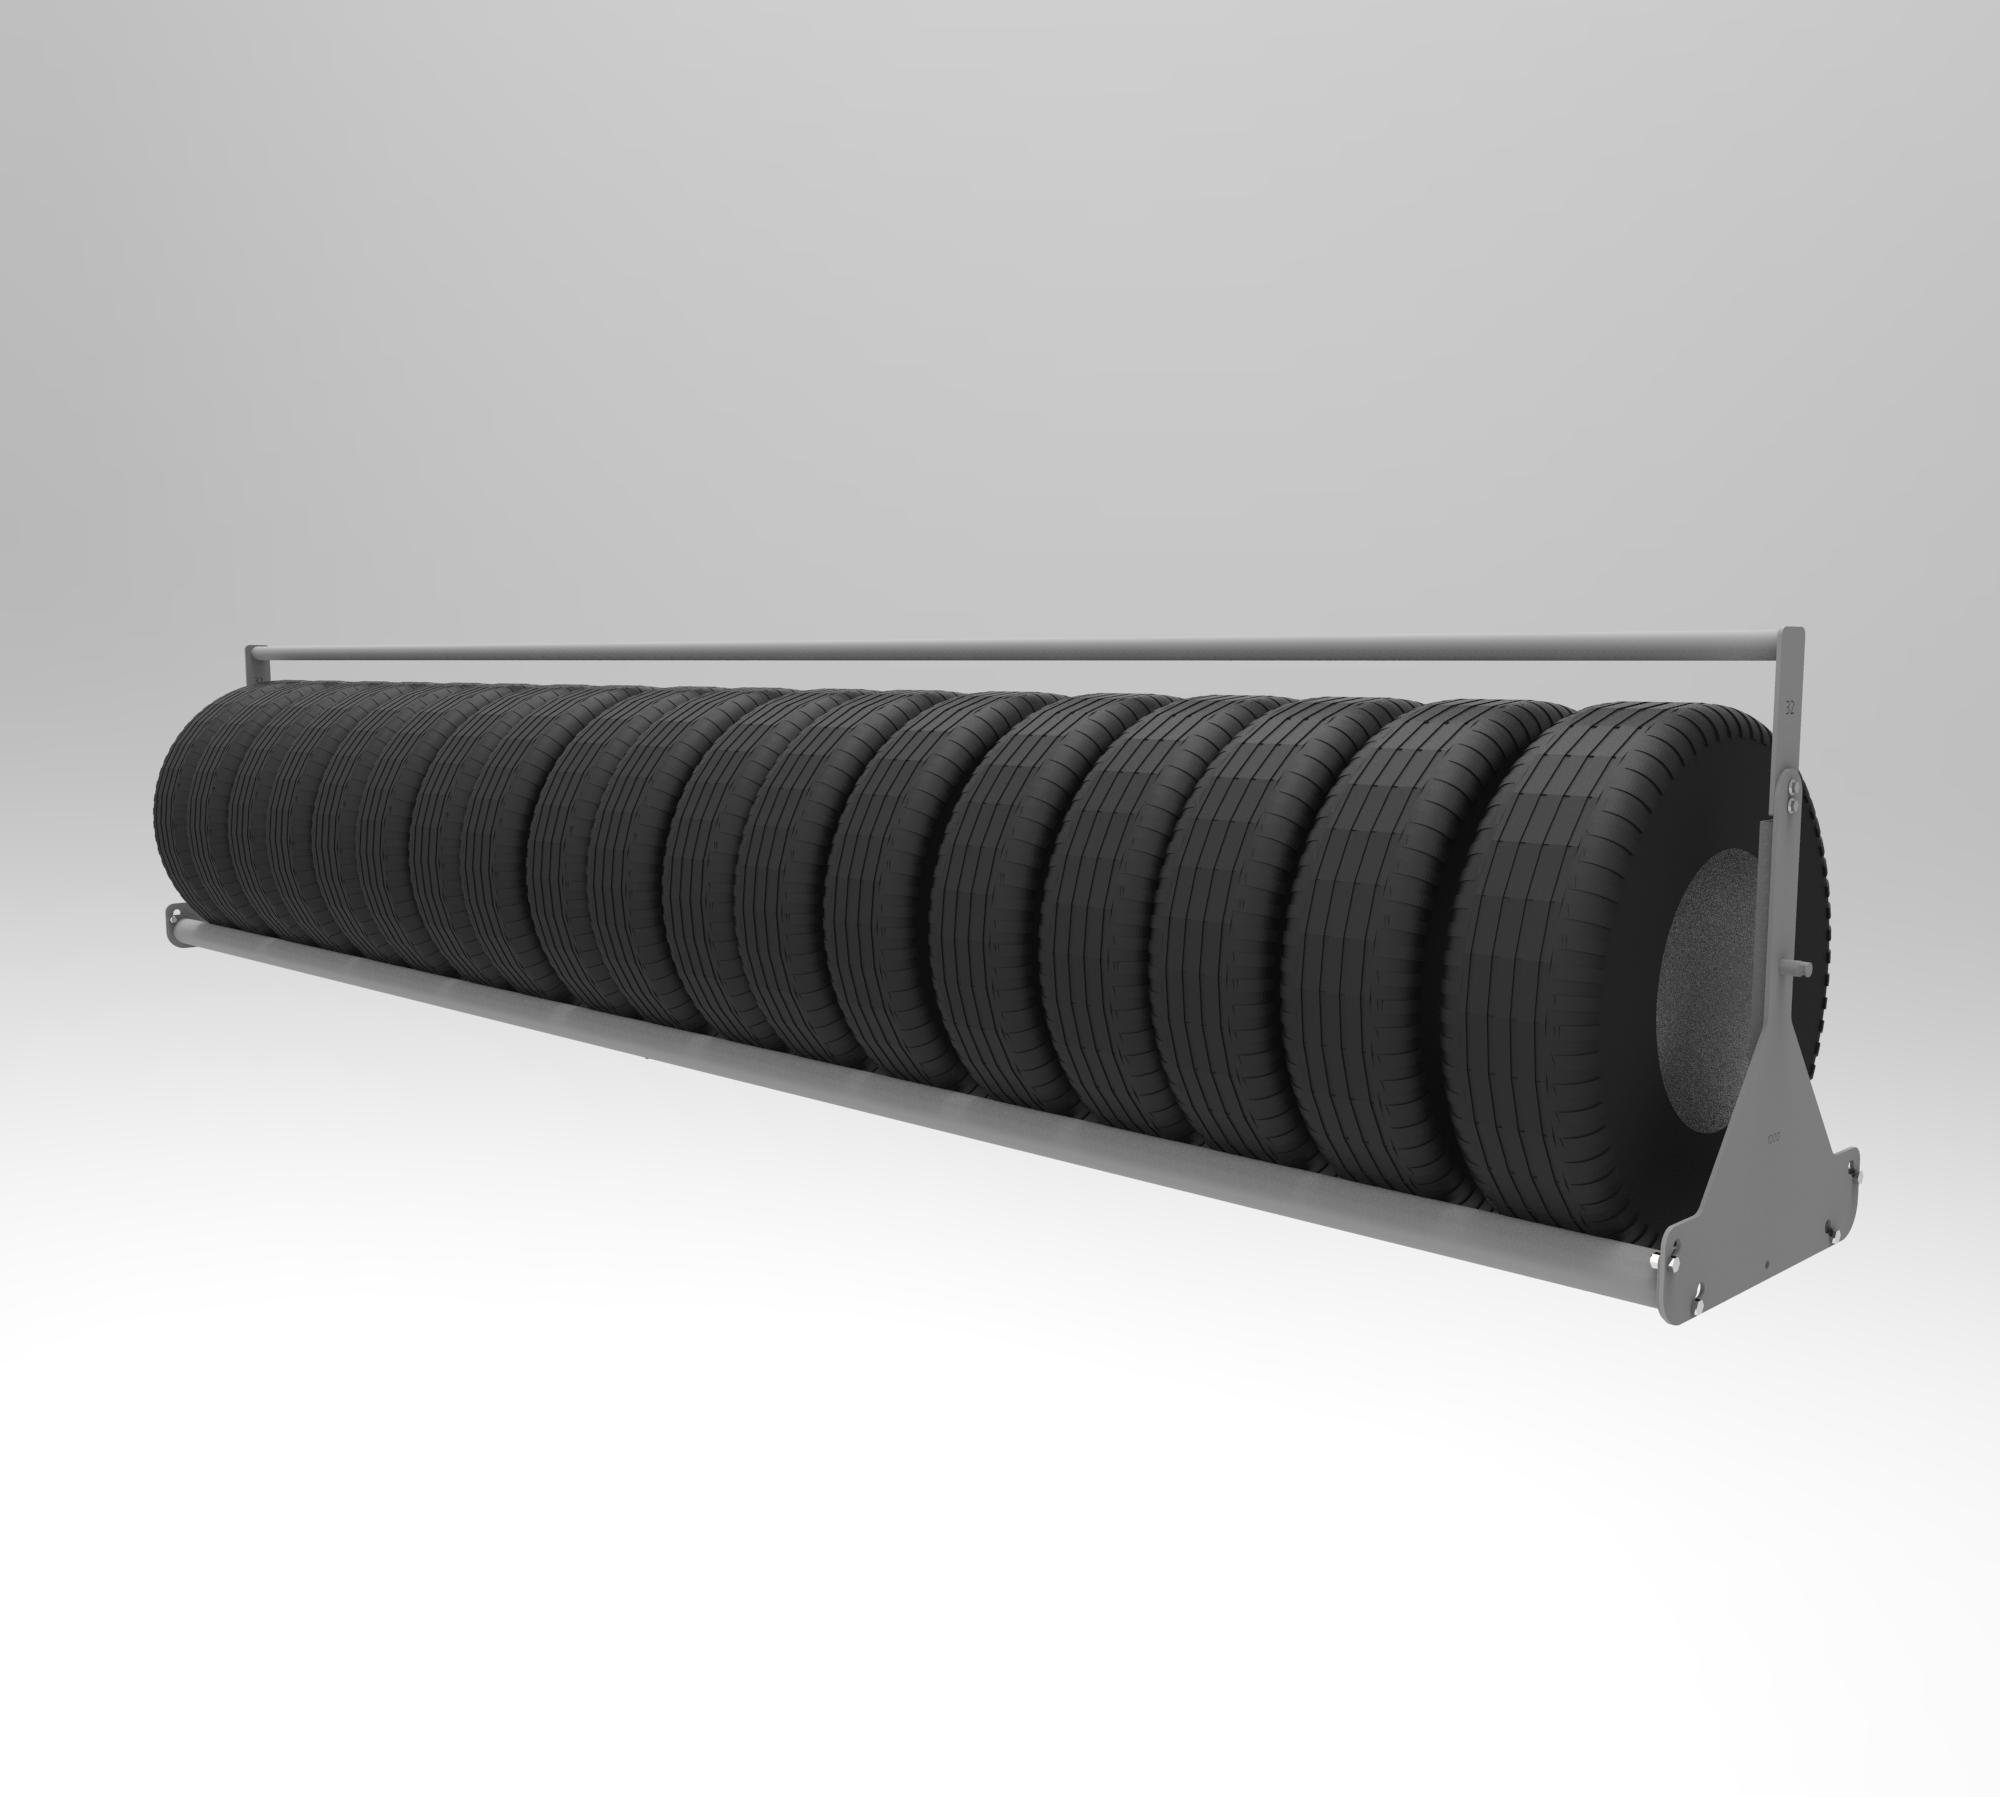 Tire Storage Carrier